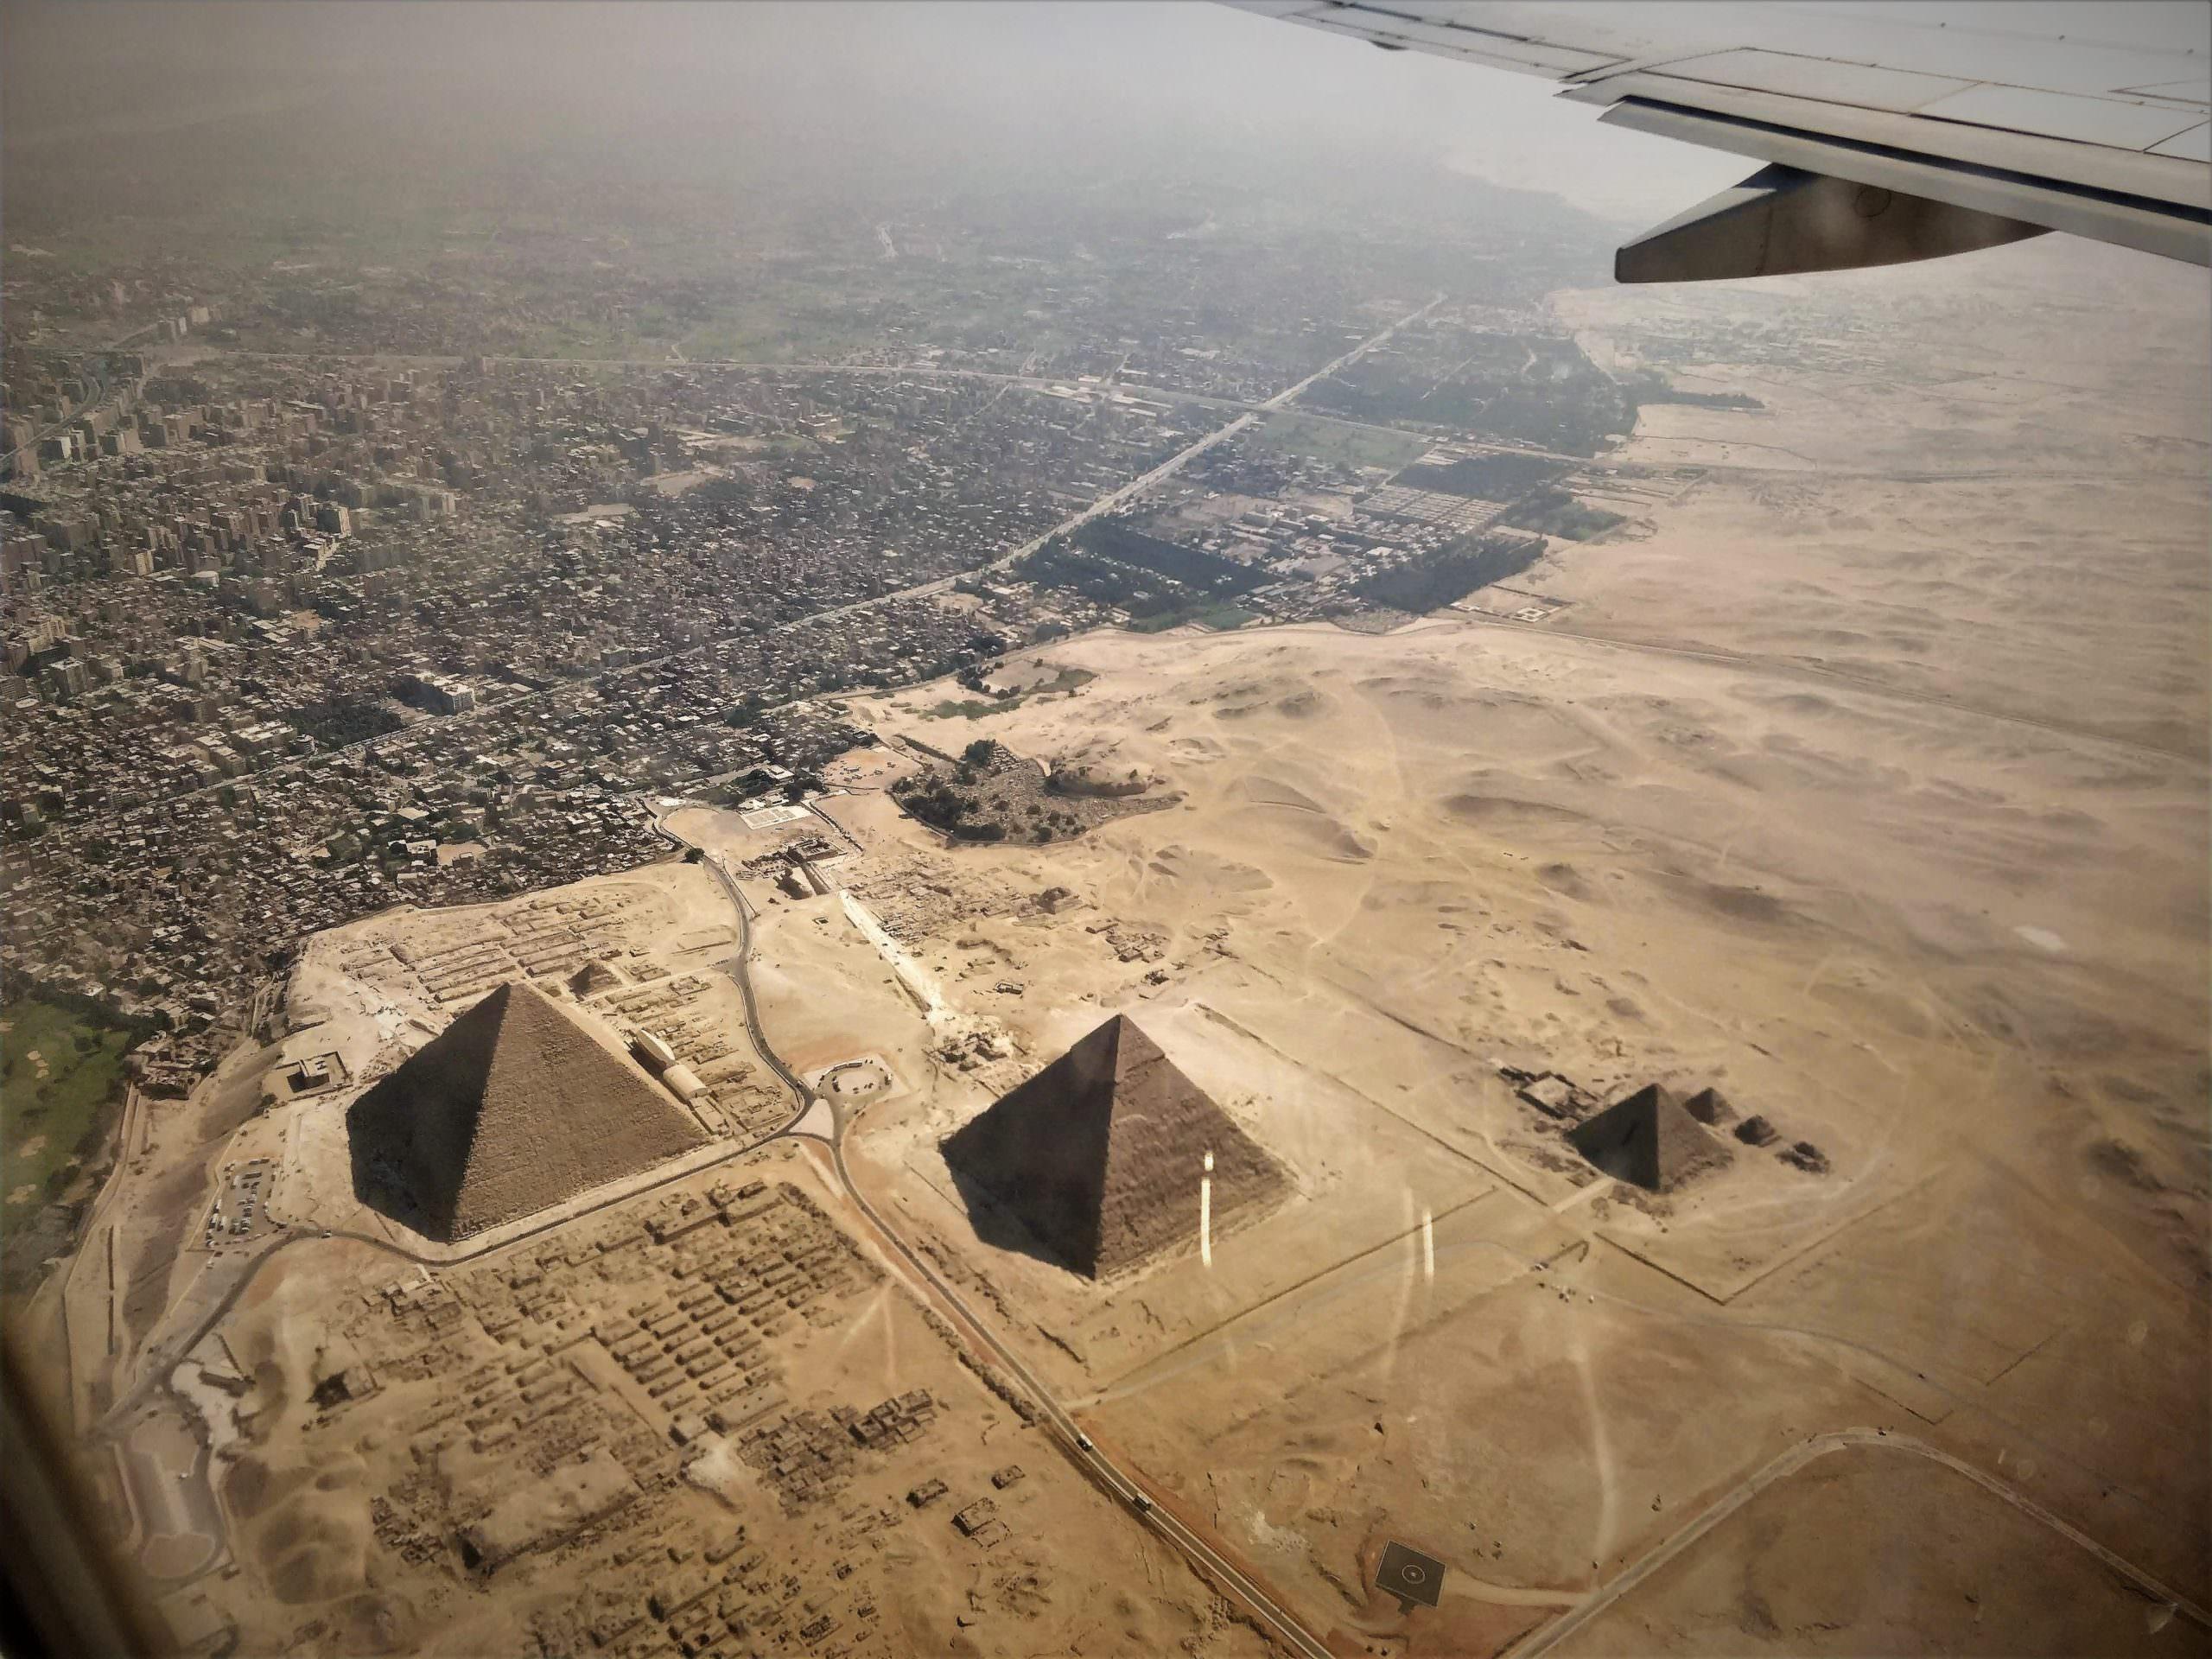 أهم الأشياء التي تستطيع القيام بها ورؤيتها في القاهرة